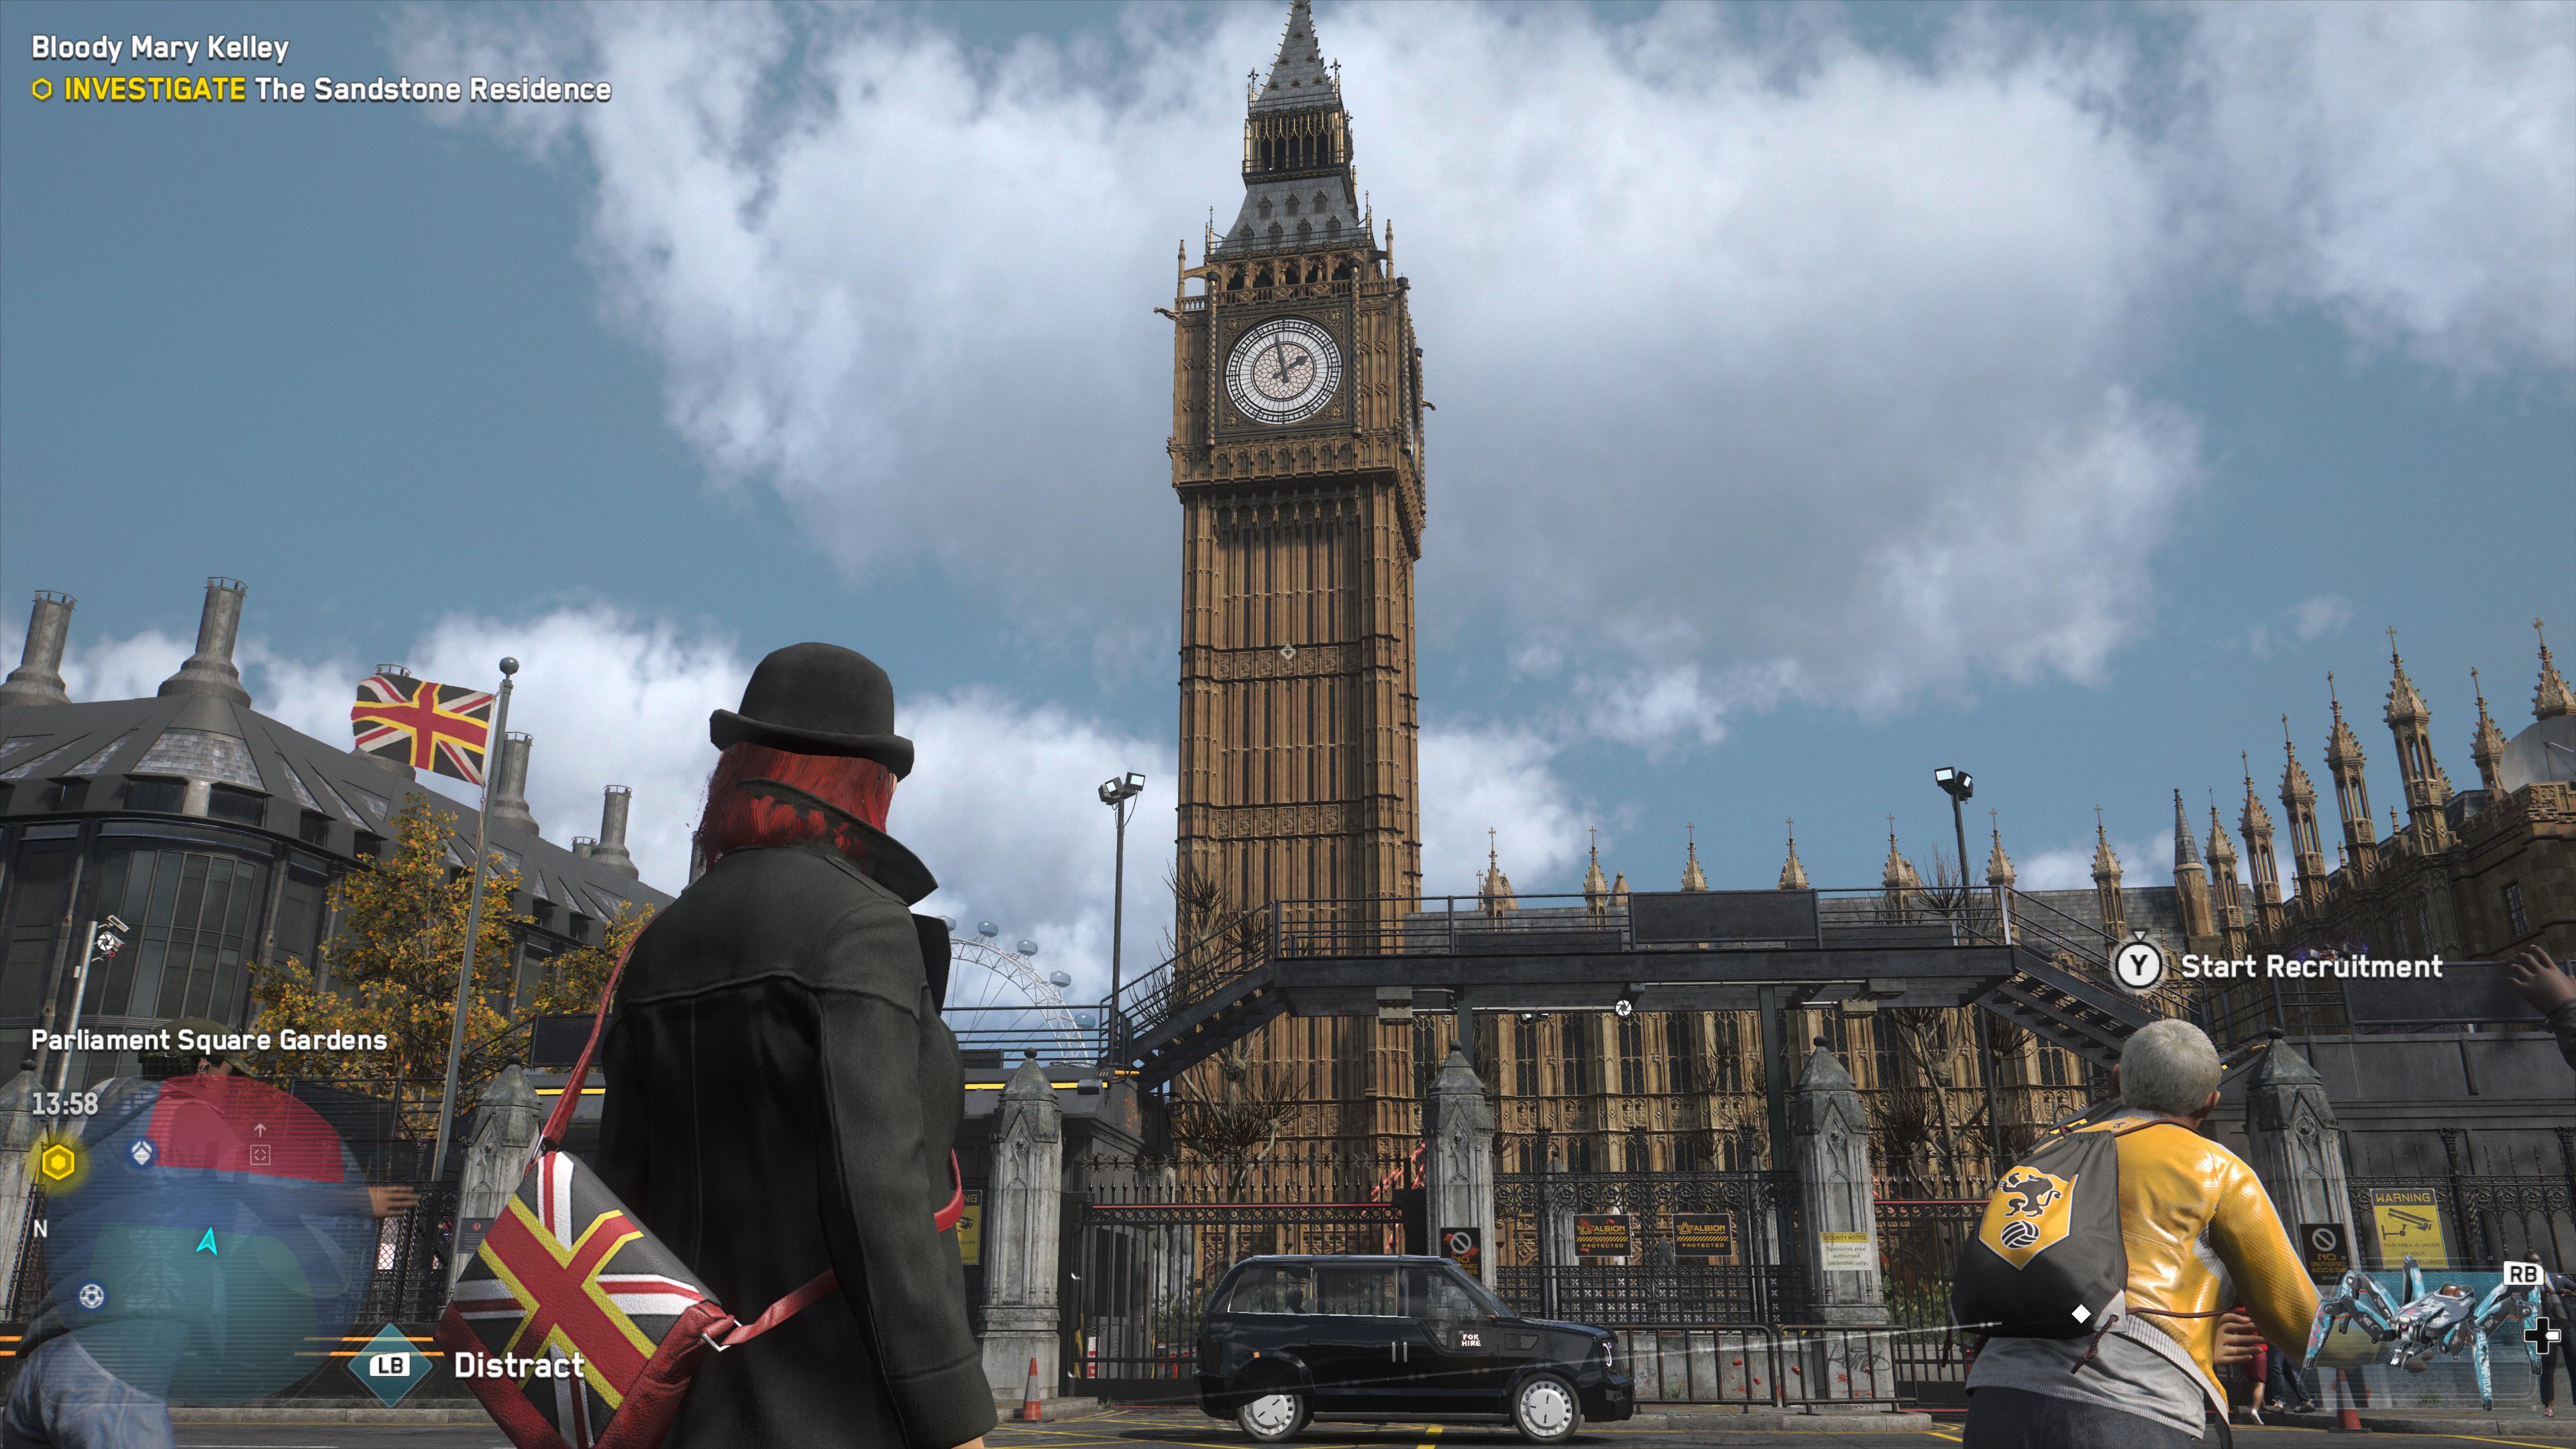 Admirez la précision de certains immeubles de Londres (et ignorez les cheveux du personnage à travers le col de son manteau)